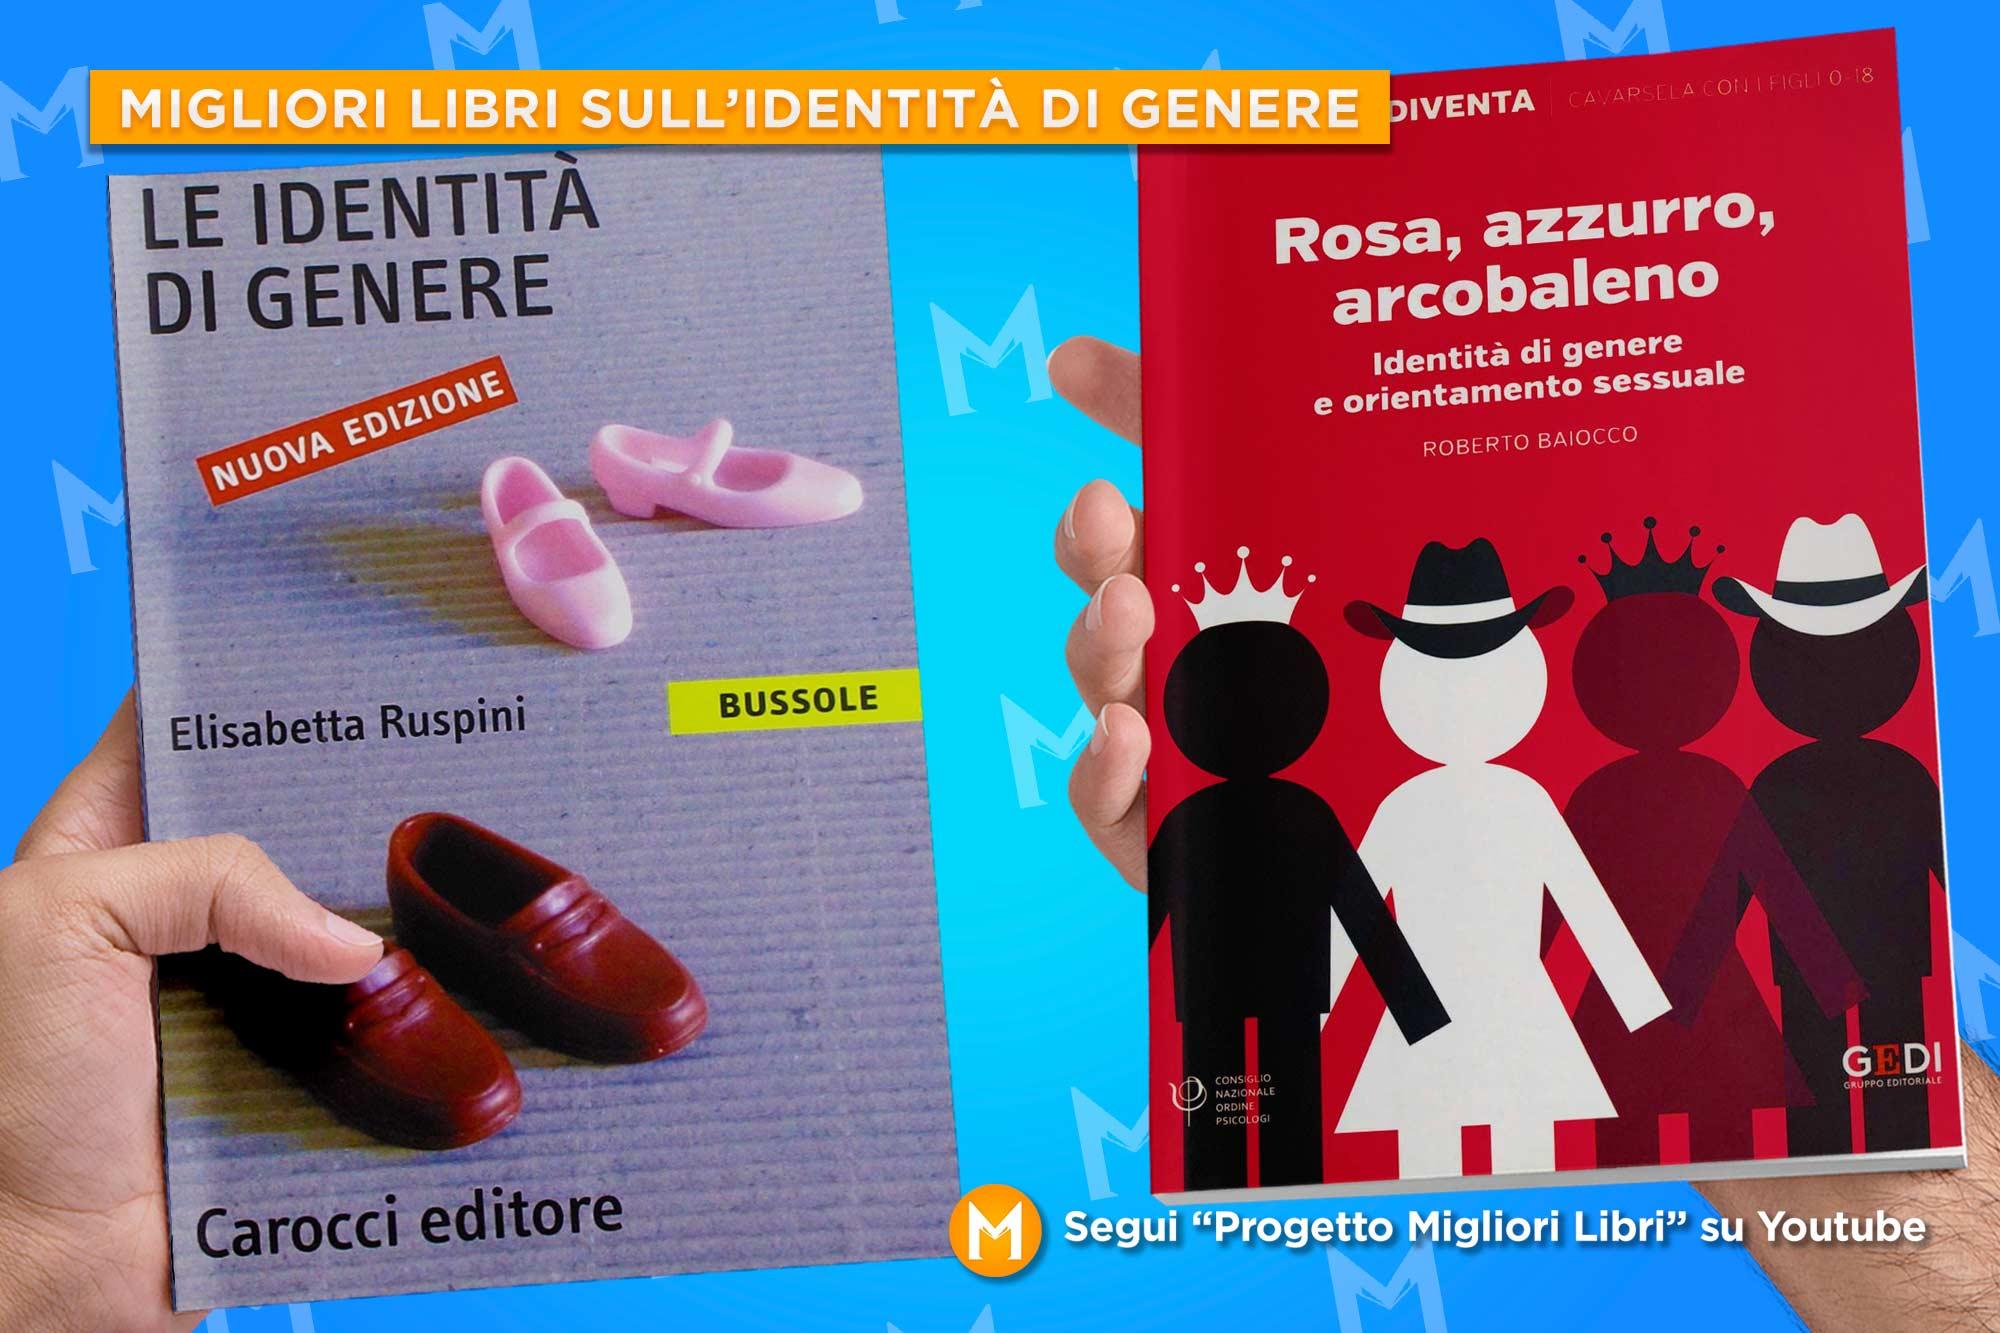 migliori-libri-identita-di-genere